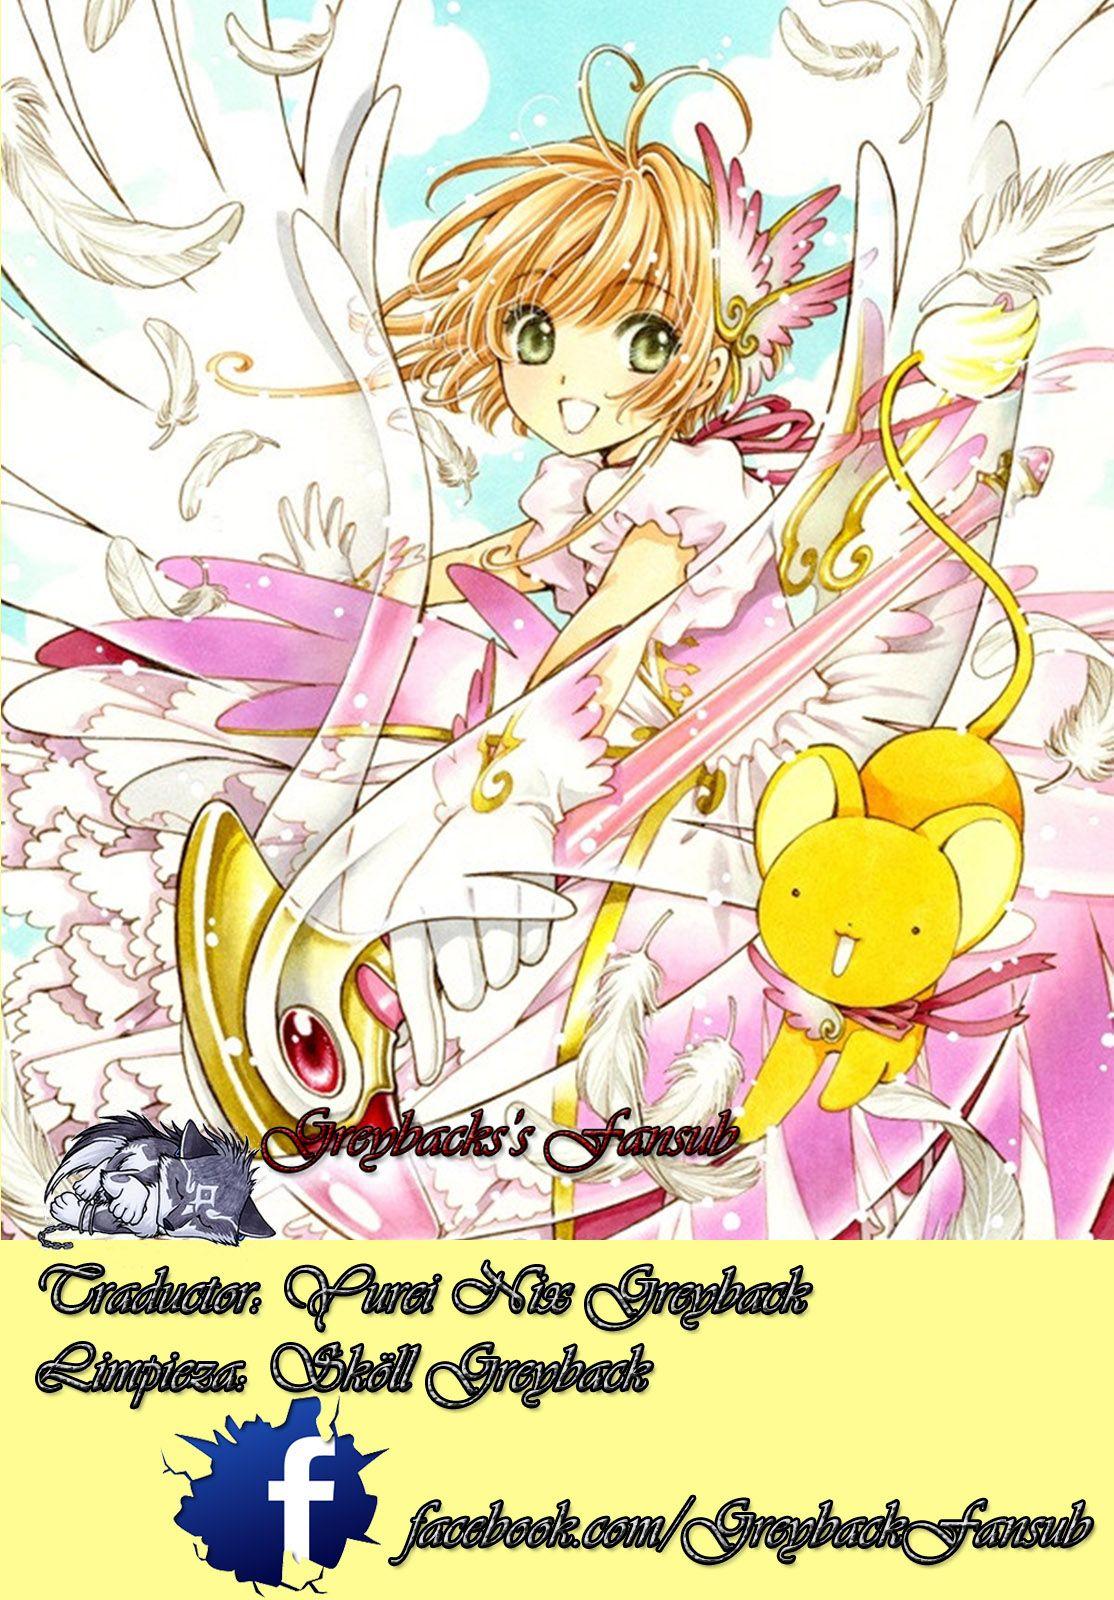 http://c5.ninemanga.com/es_manga/15/19855/479767/ed34d801ecf10f1a8178debdf0f365e0.jpg Page 1